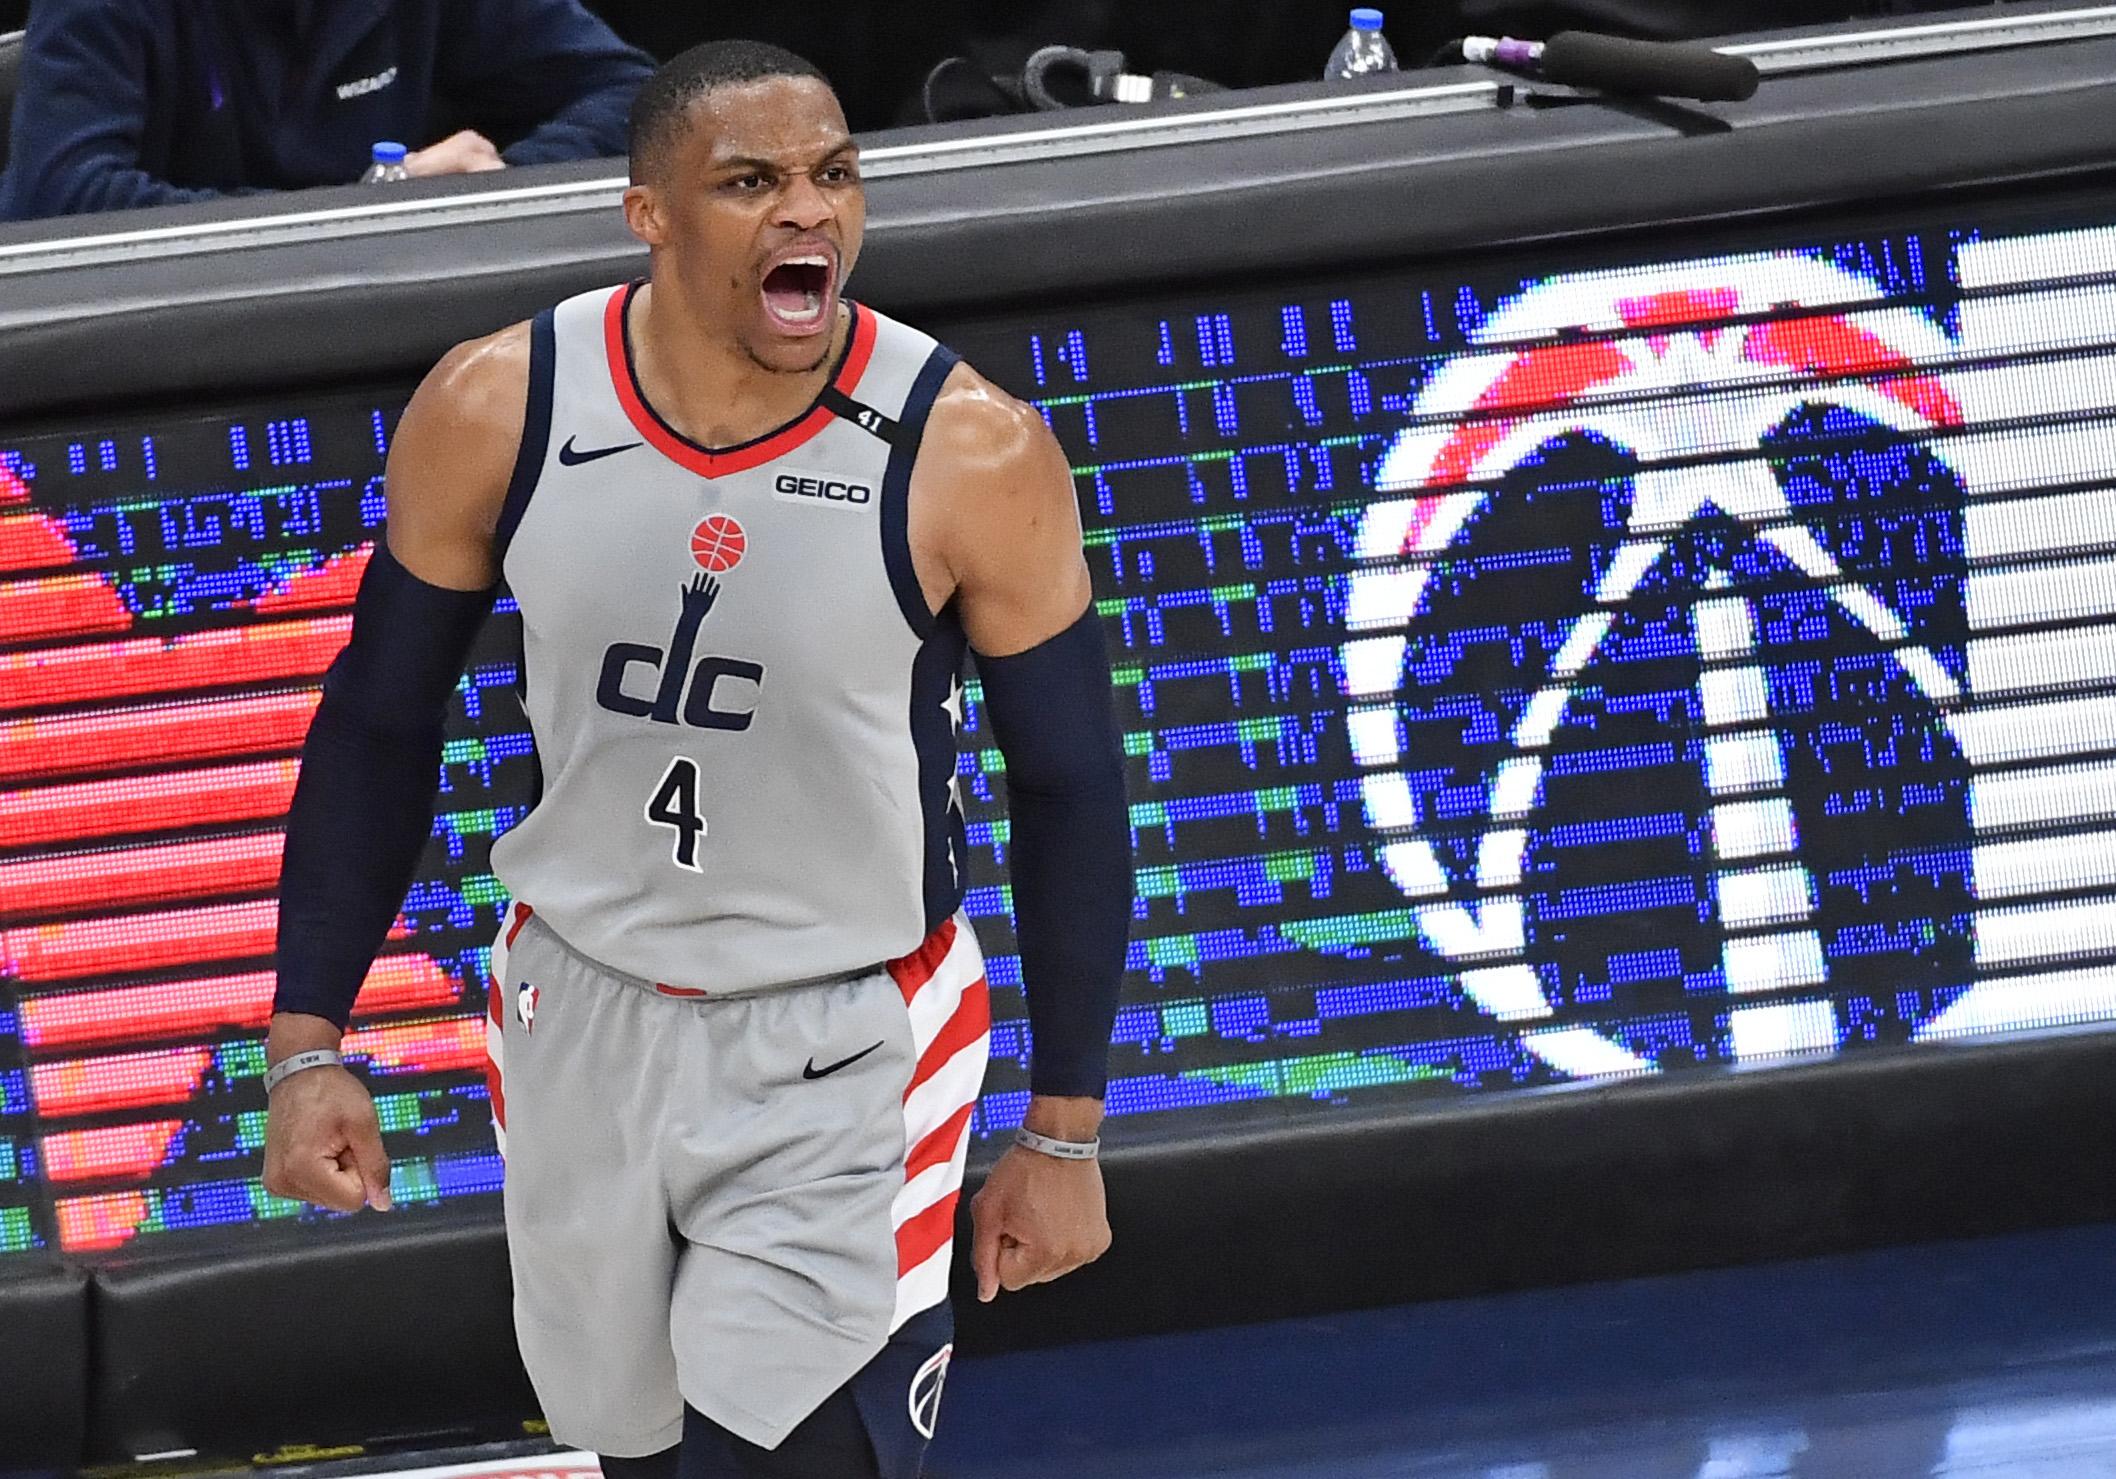 NBA:夏洛特黄蜂队对阵华盛顿奇才队